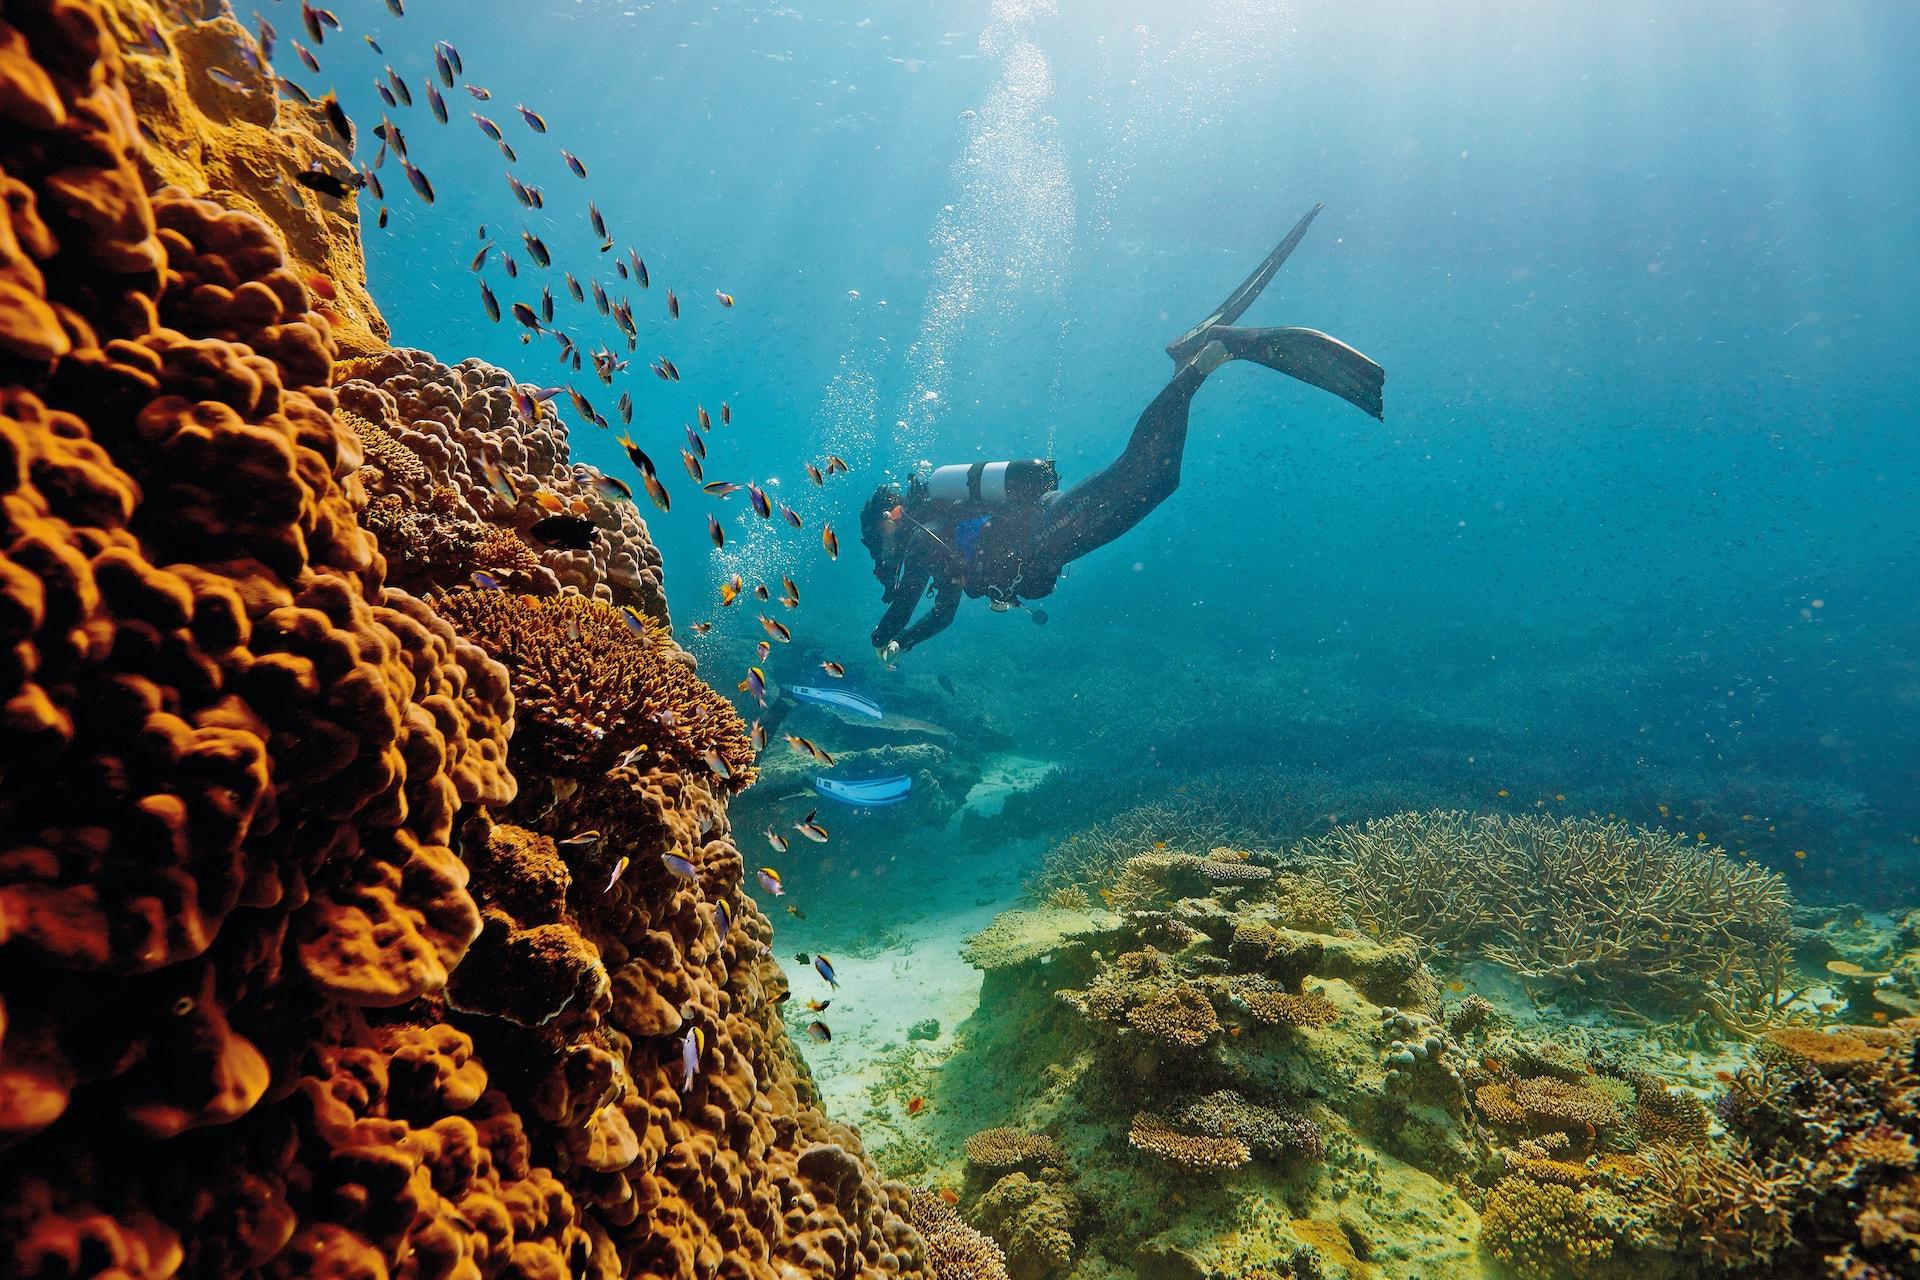 Descubrieron un arrecife de coral más alto que un rascacielos